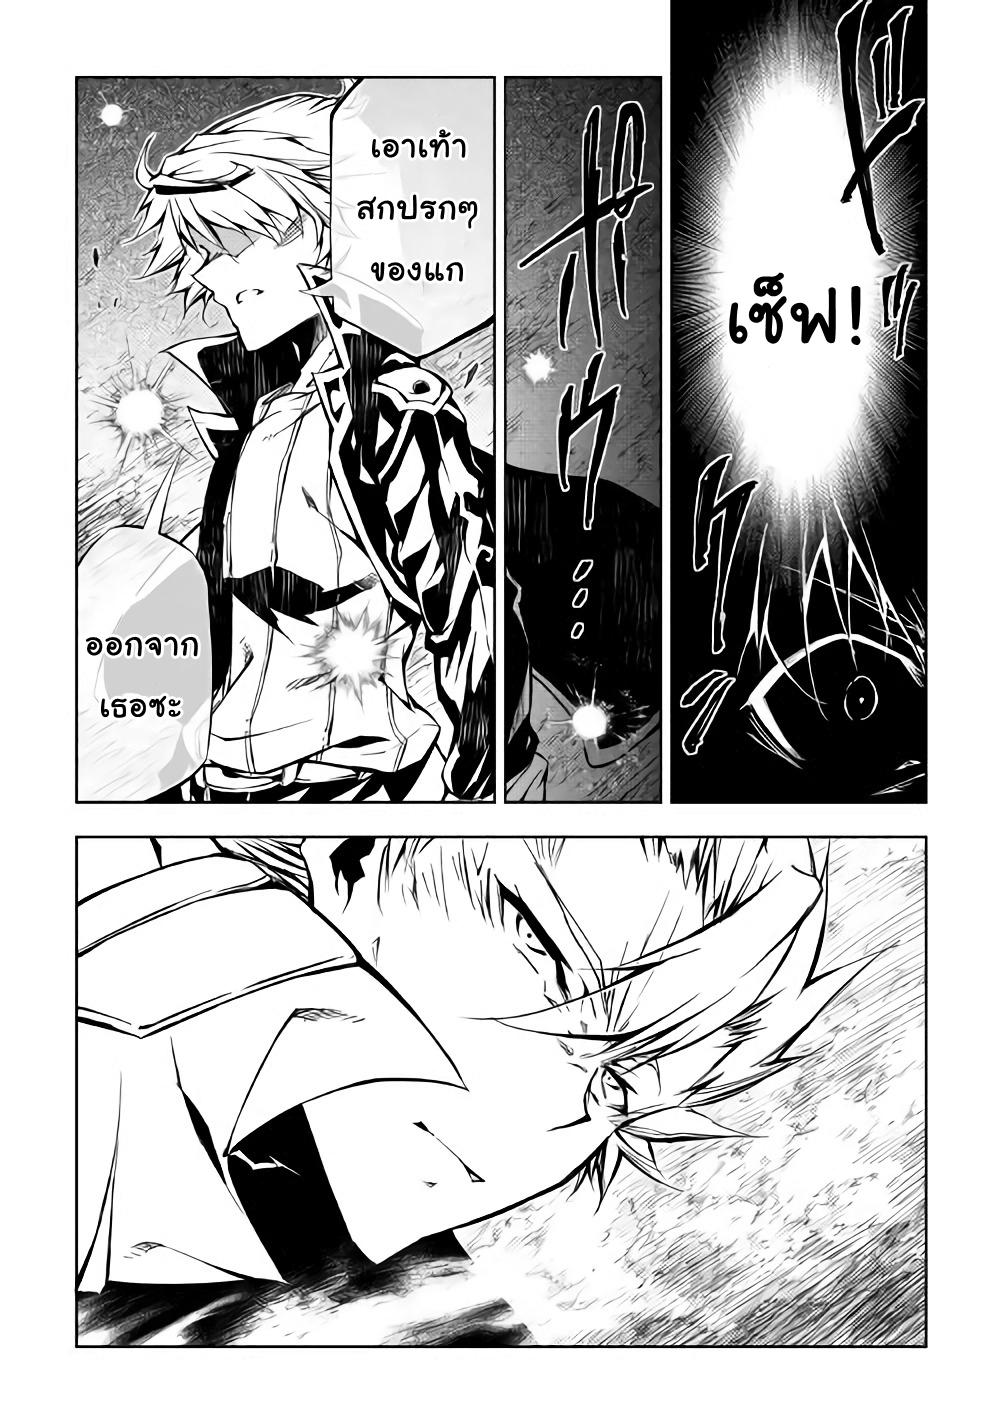 อ่านการ์ตูน Kouritsu Kuriya Madoushi, Dani no Jinsei de Madou o Kiwameru ตอนที่ 29 หน้าที่ 30